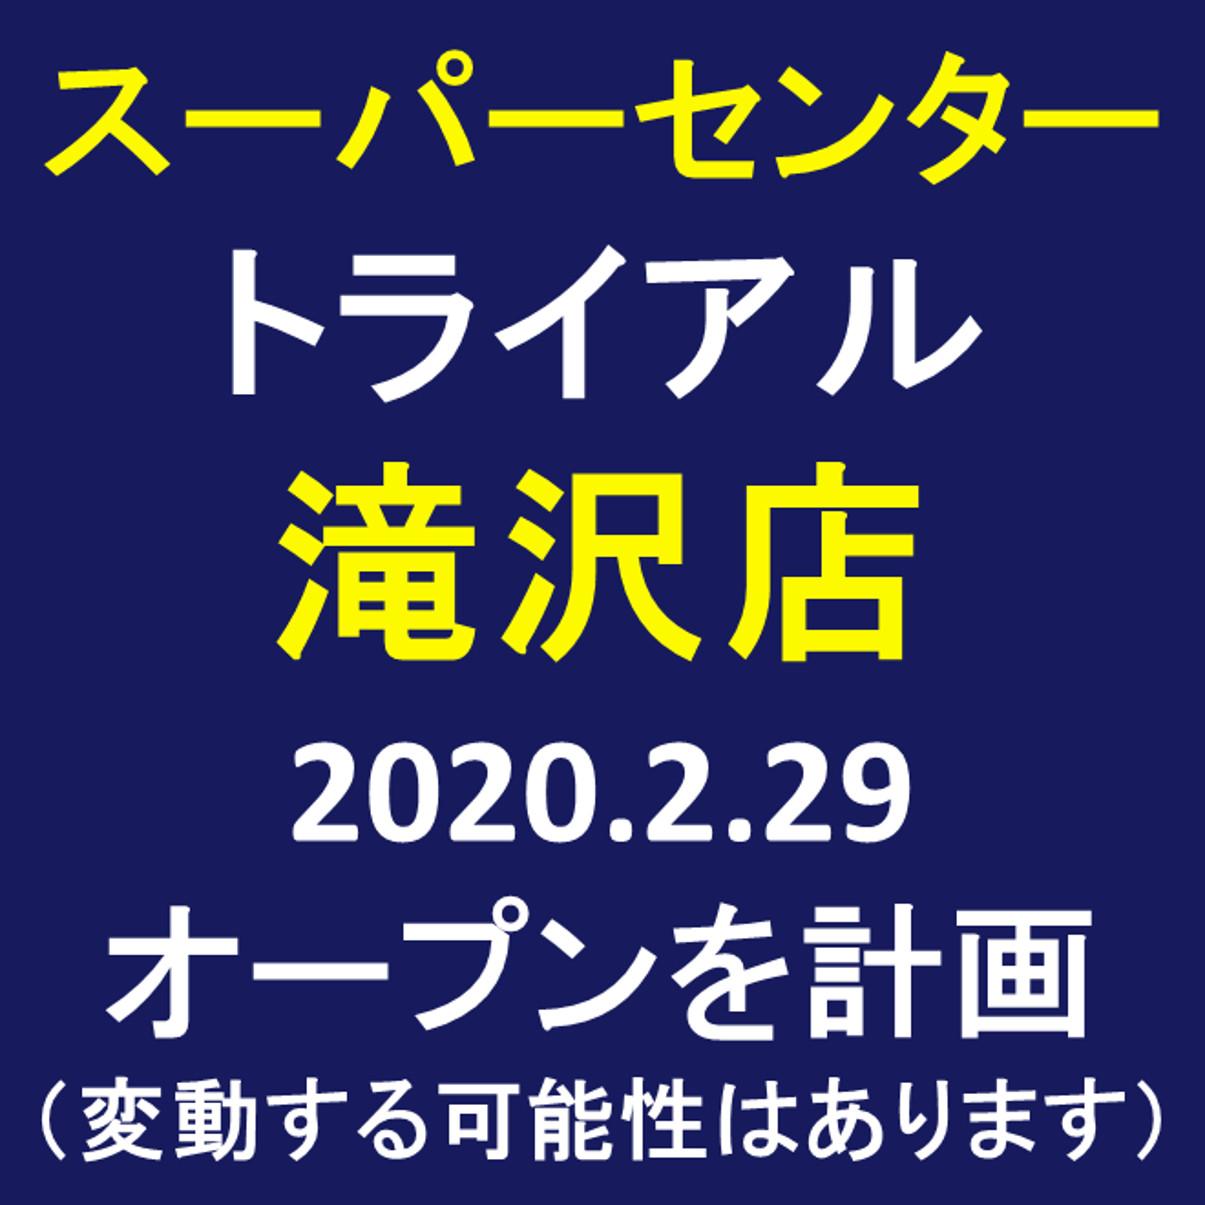 スーパーセンタートライアル滝沢店20200229オープン計画アイキャッチ1205